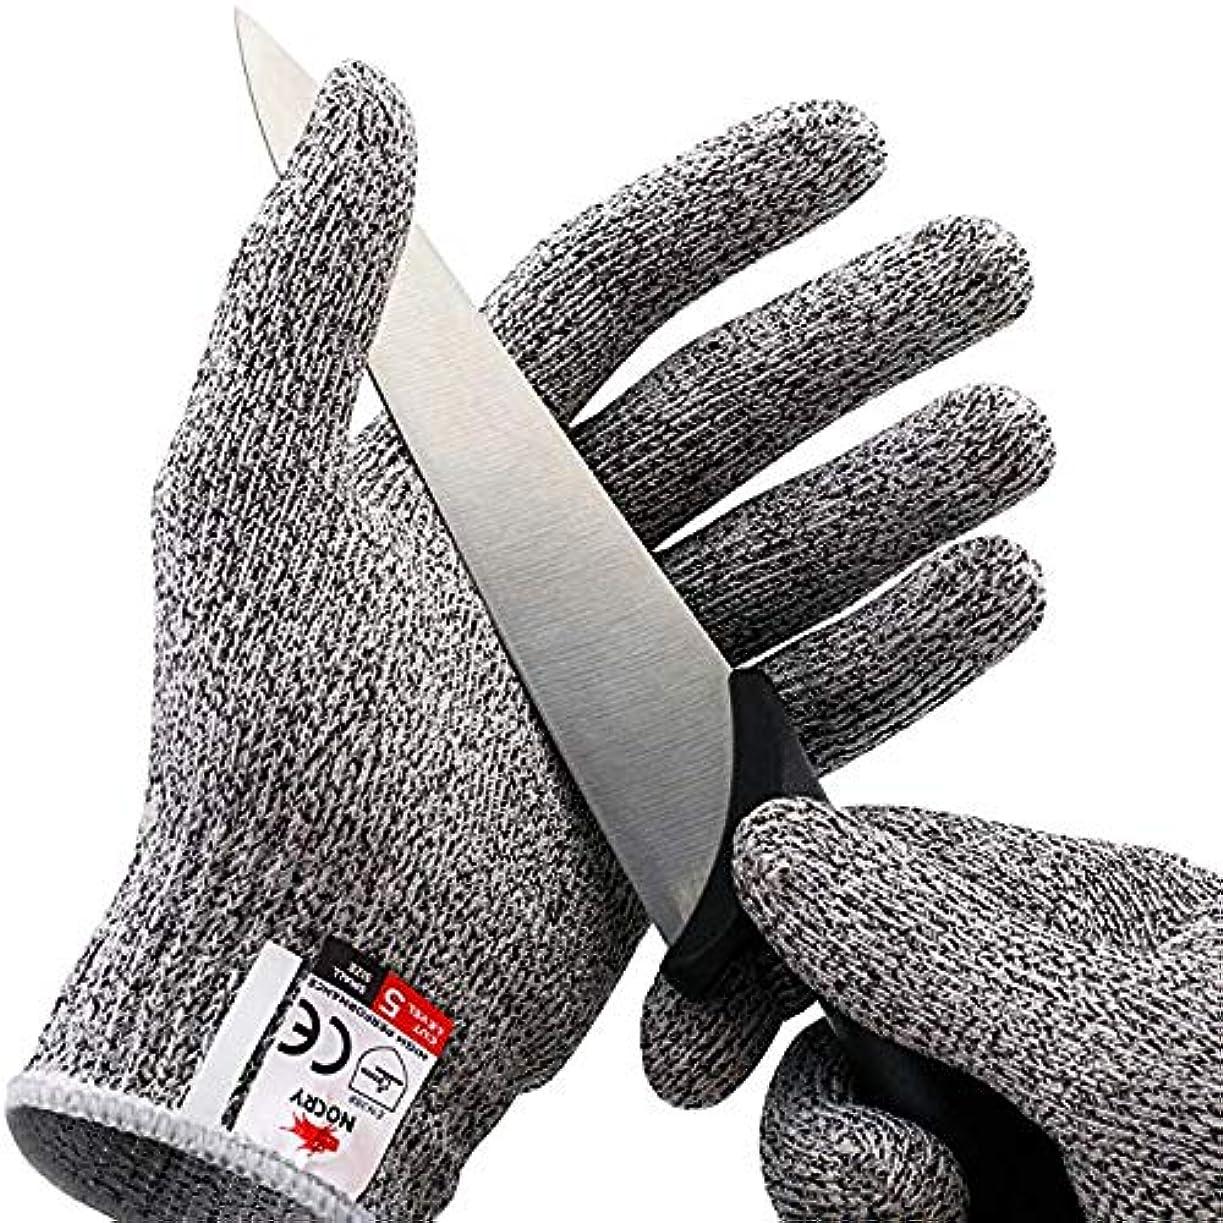 削除する冒険者確認食品グレード、高パフォーマンスレベル5の保護 - 耐性の手袋をカット。,L